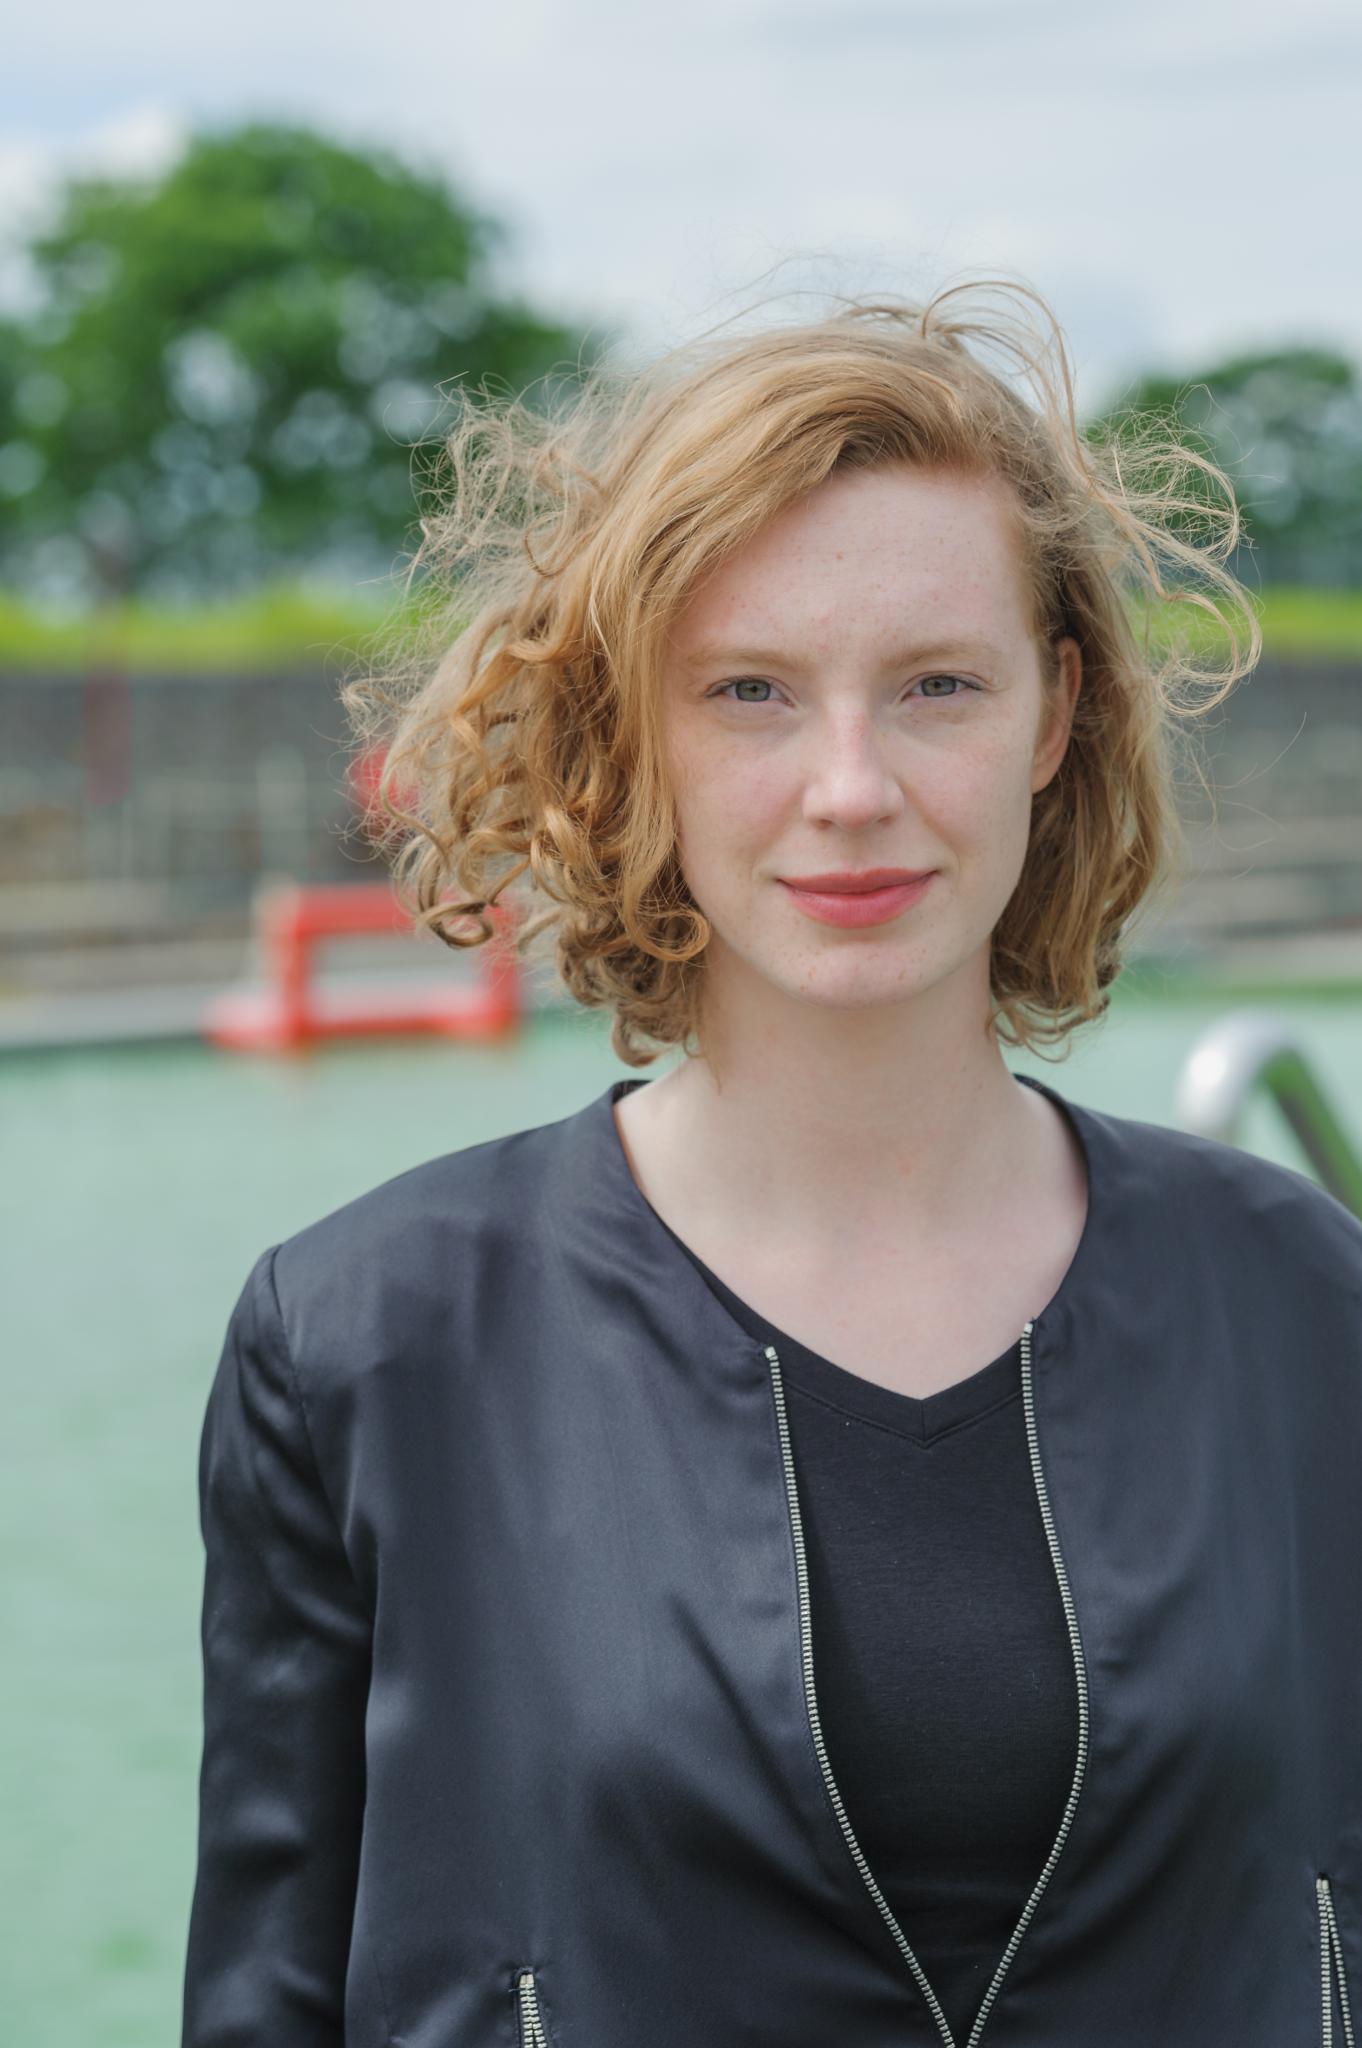 Tatort Echolot Luise Wolfram als schrge CyberPolizistin